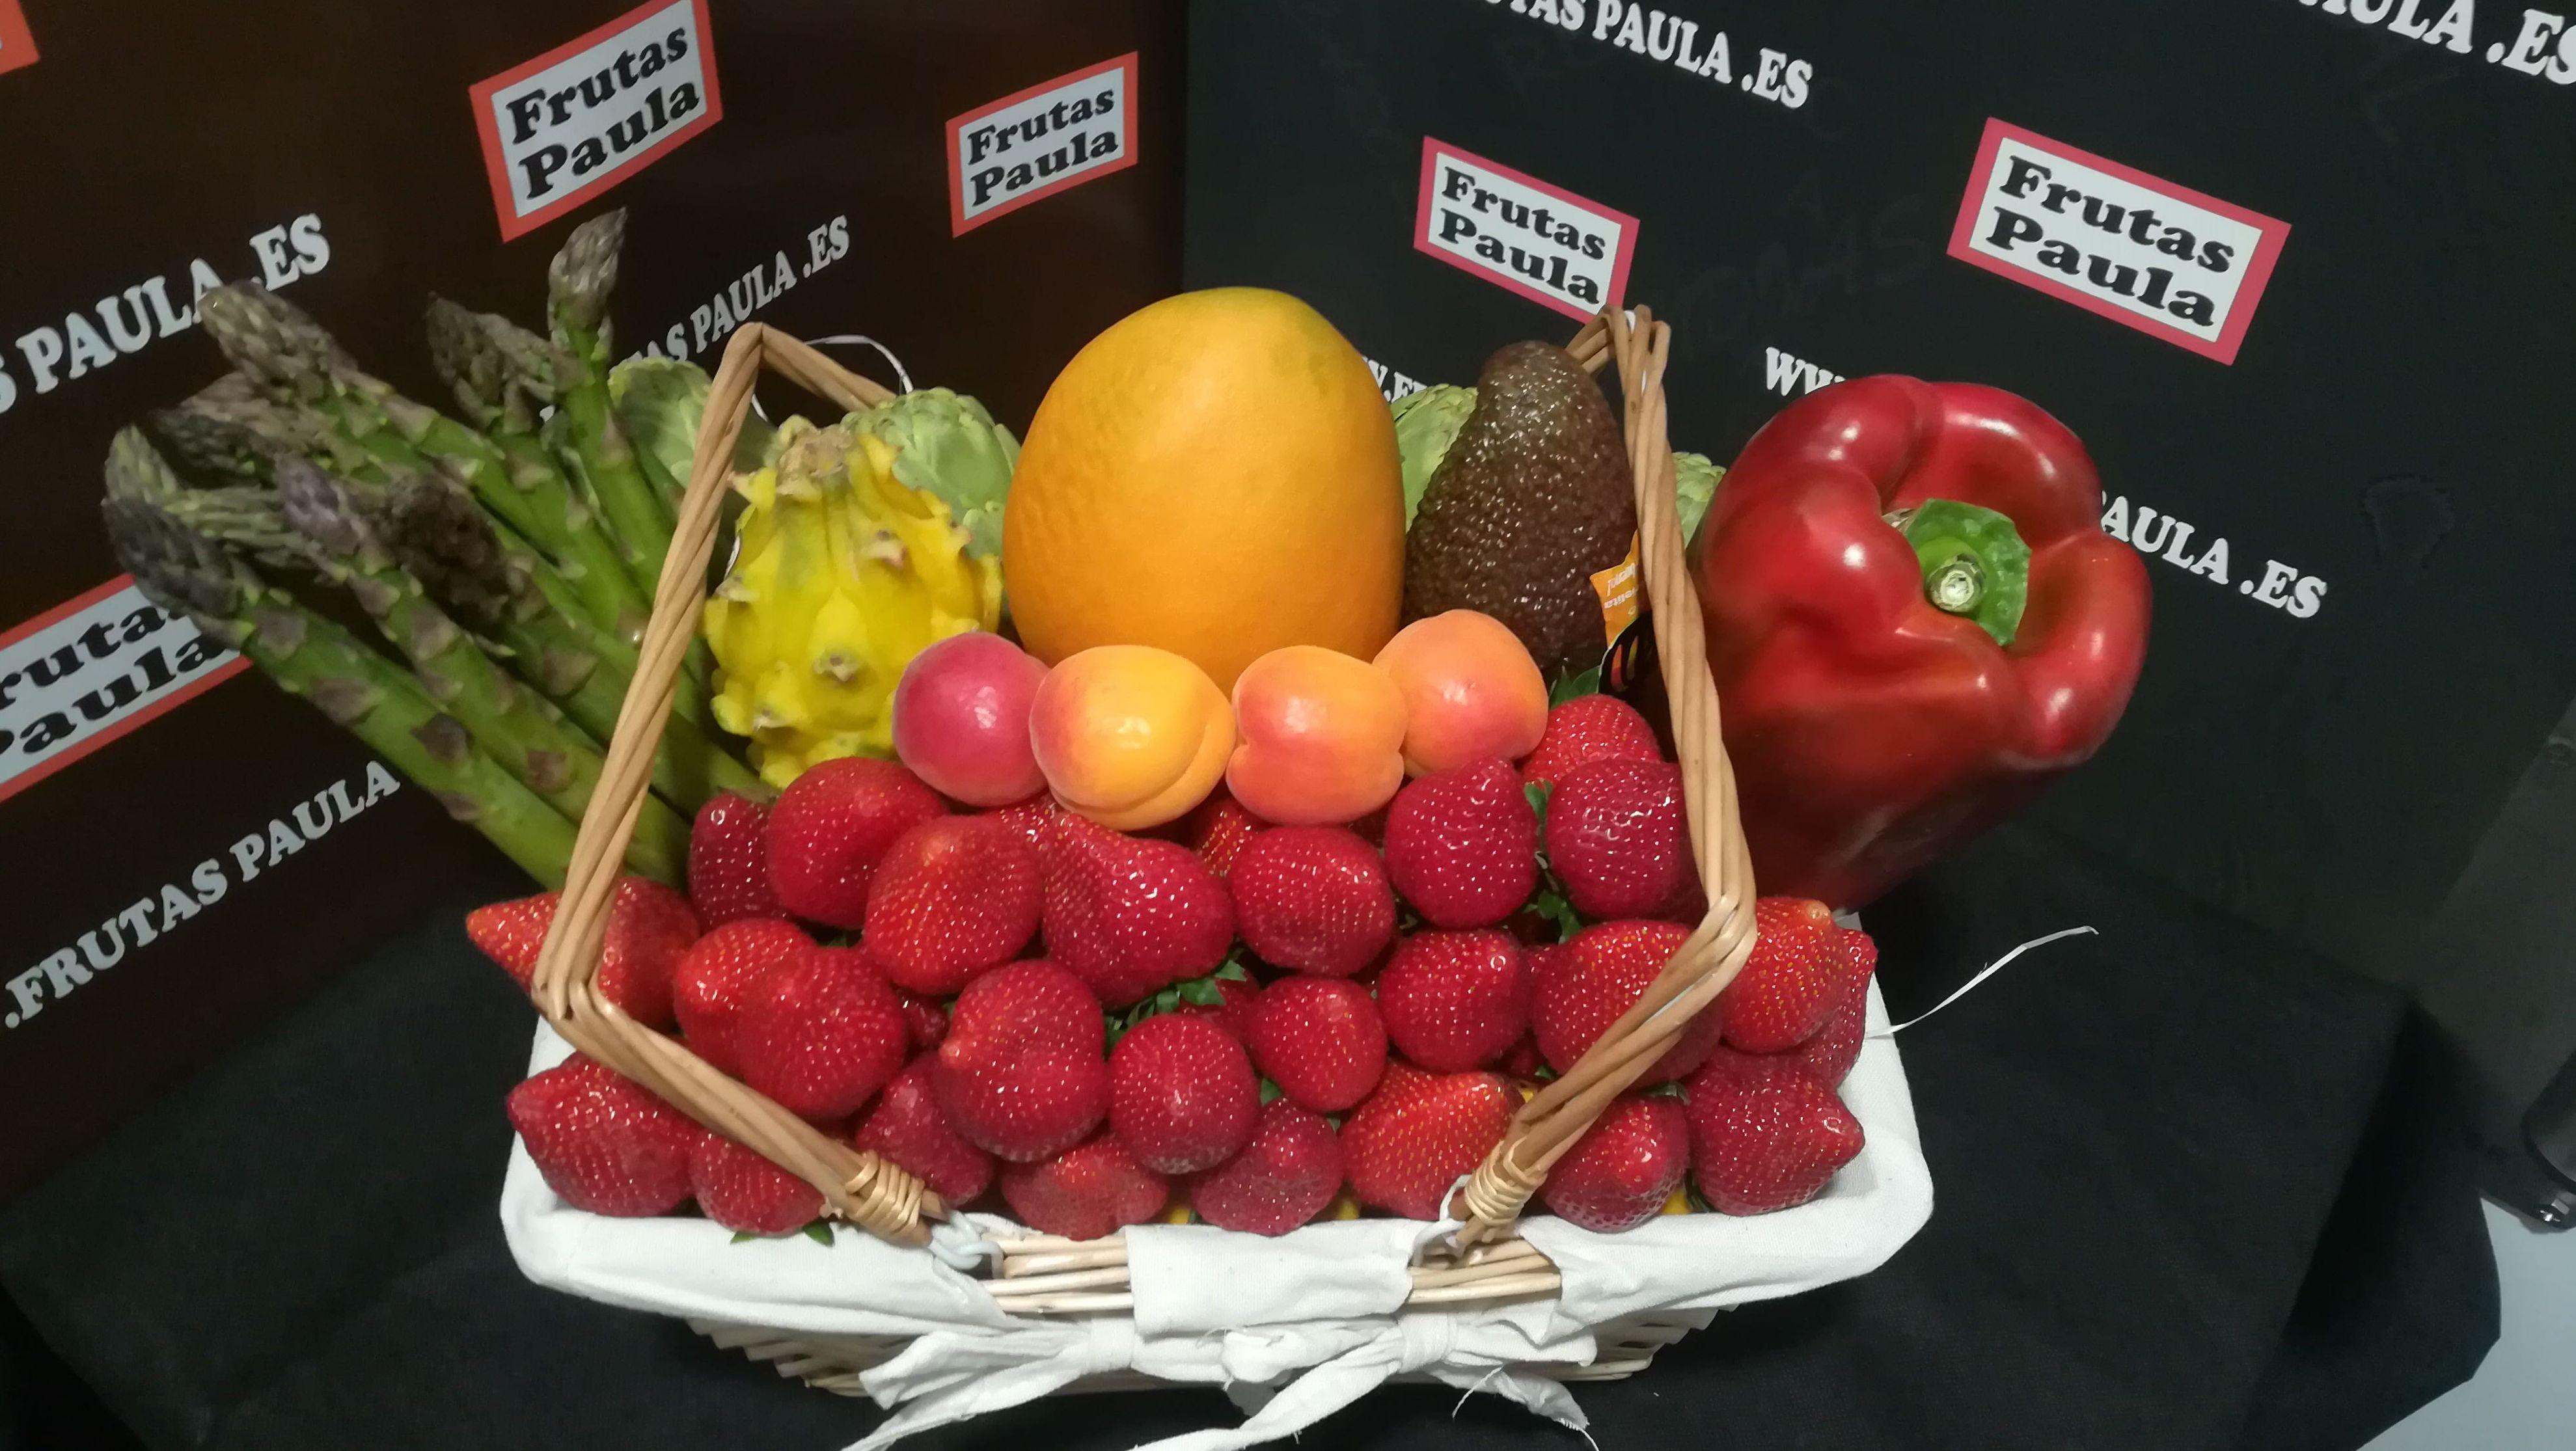 verduras y frutas    CESTA DE FRUTAS PAULA